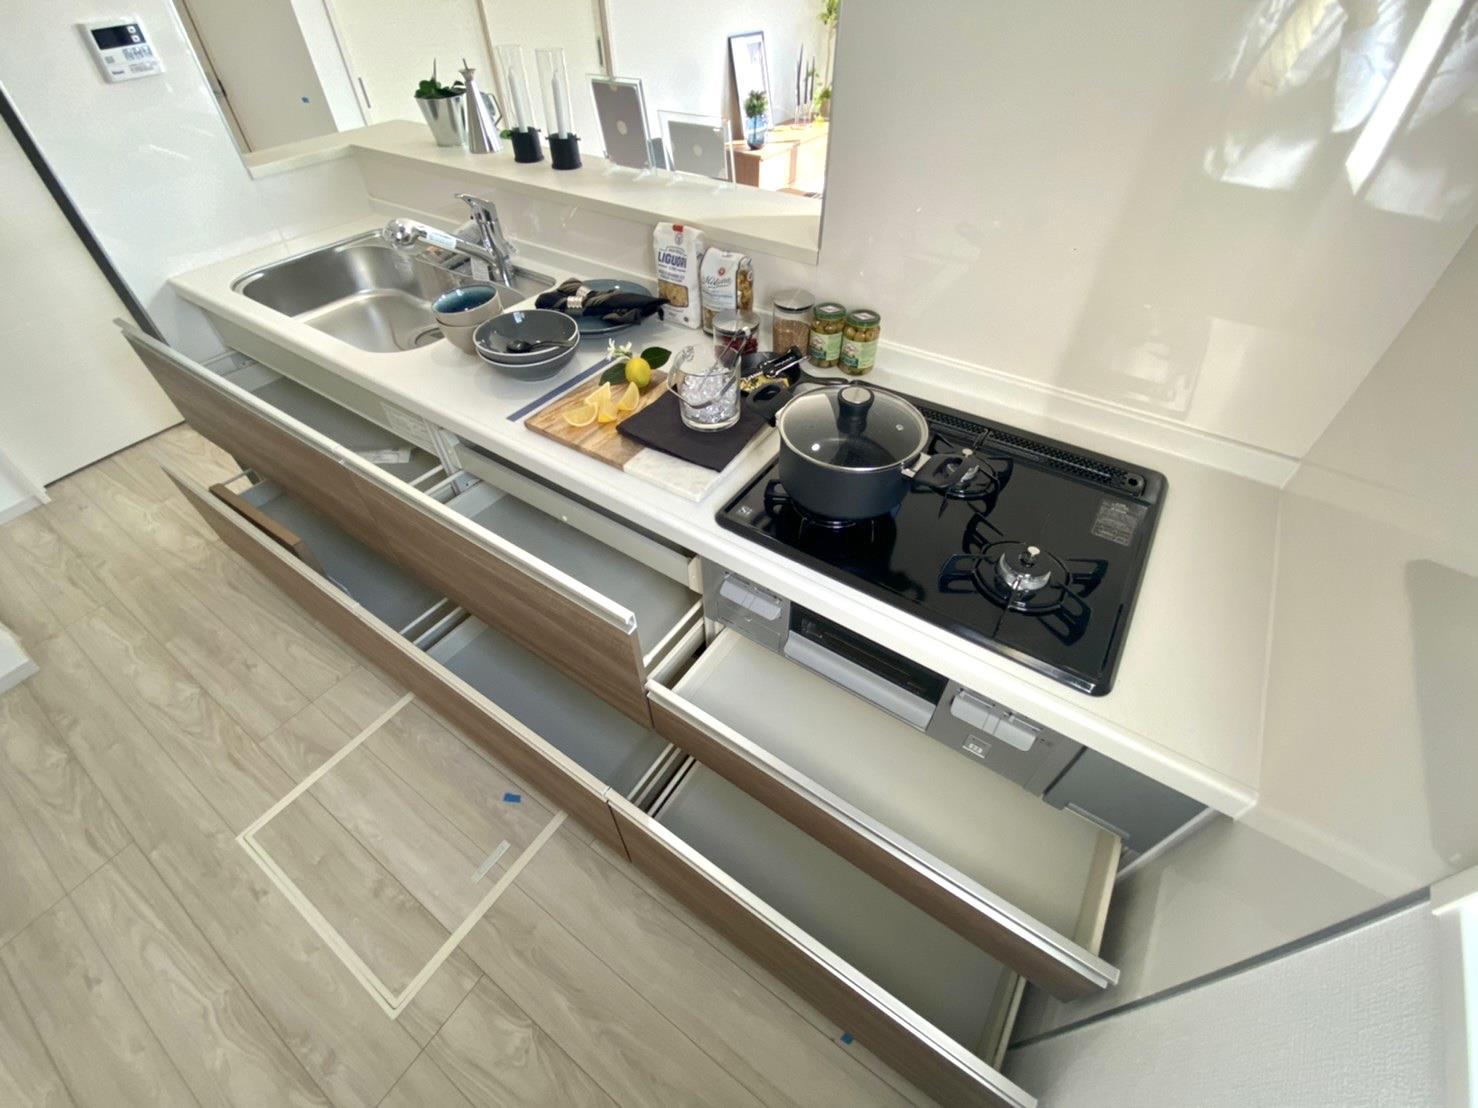 キッチン*キッチン|作業スペースが広く確保されているので、お料理がしやすいです♪(^^)/お子さまと並んでお料理が楽しめます♪